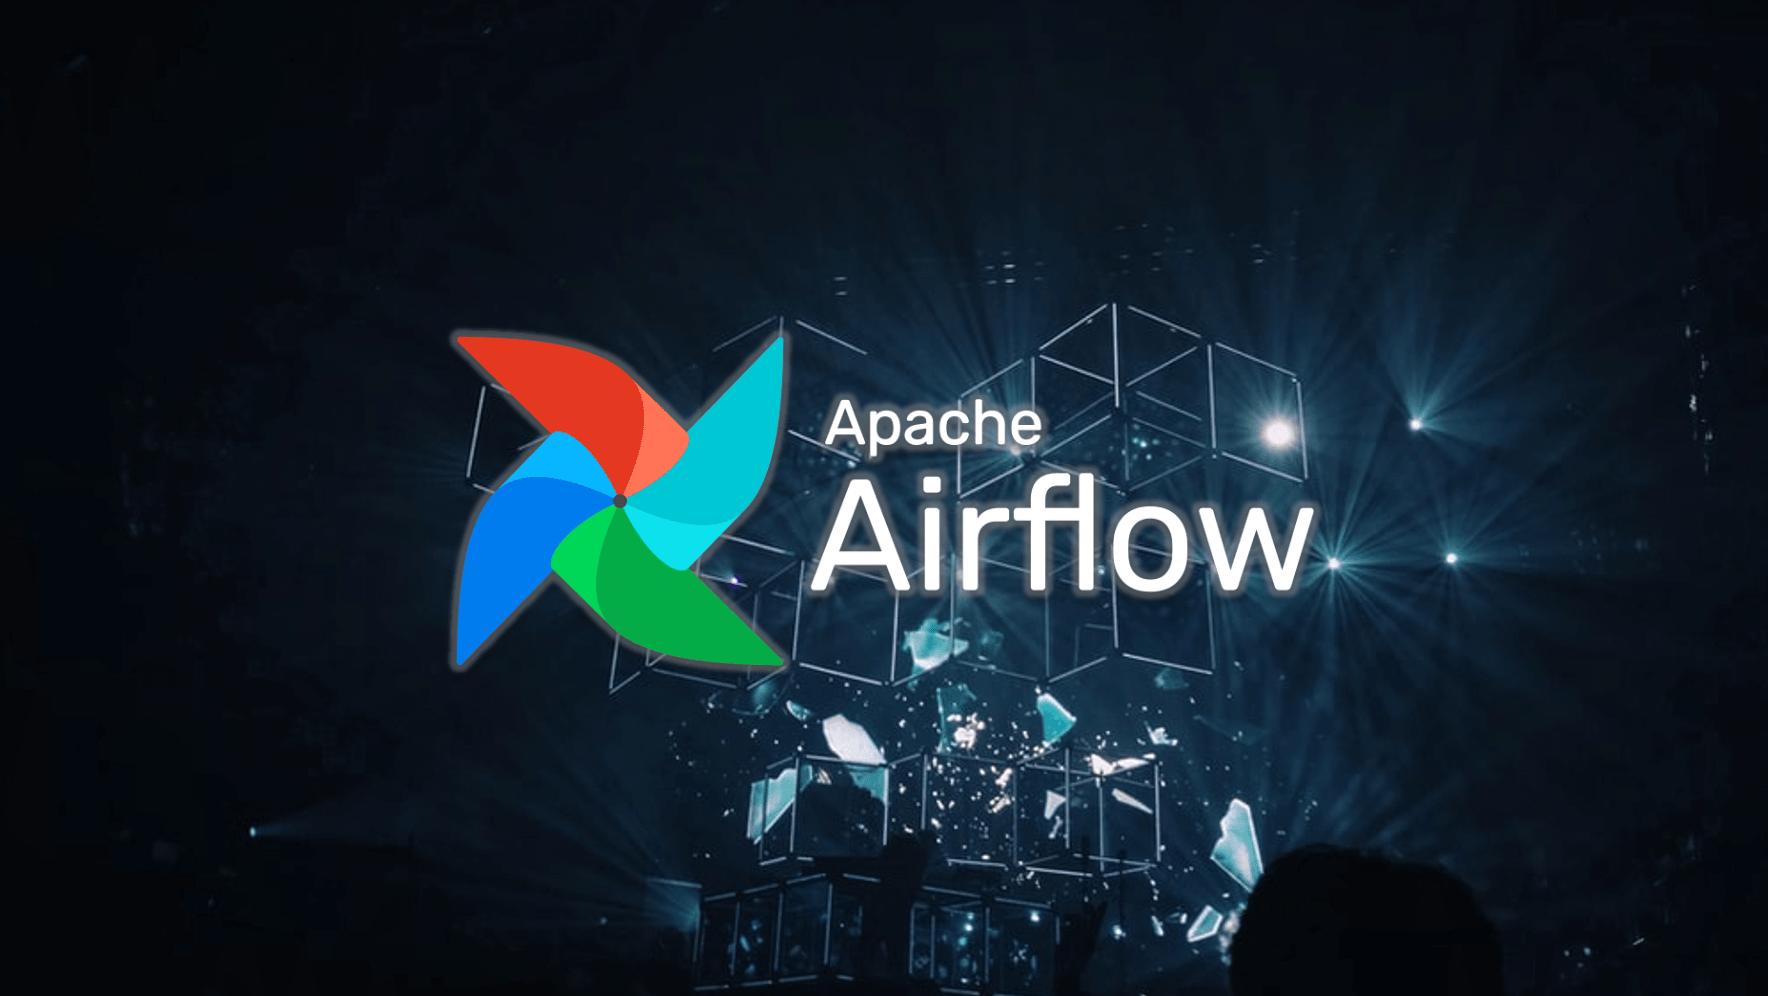 apache airflow